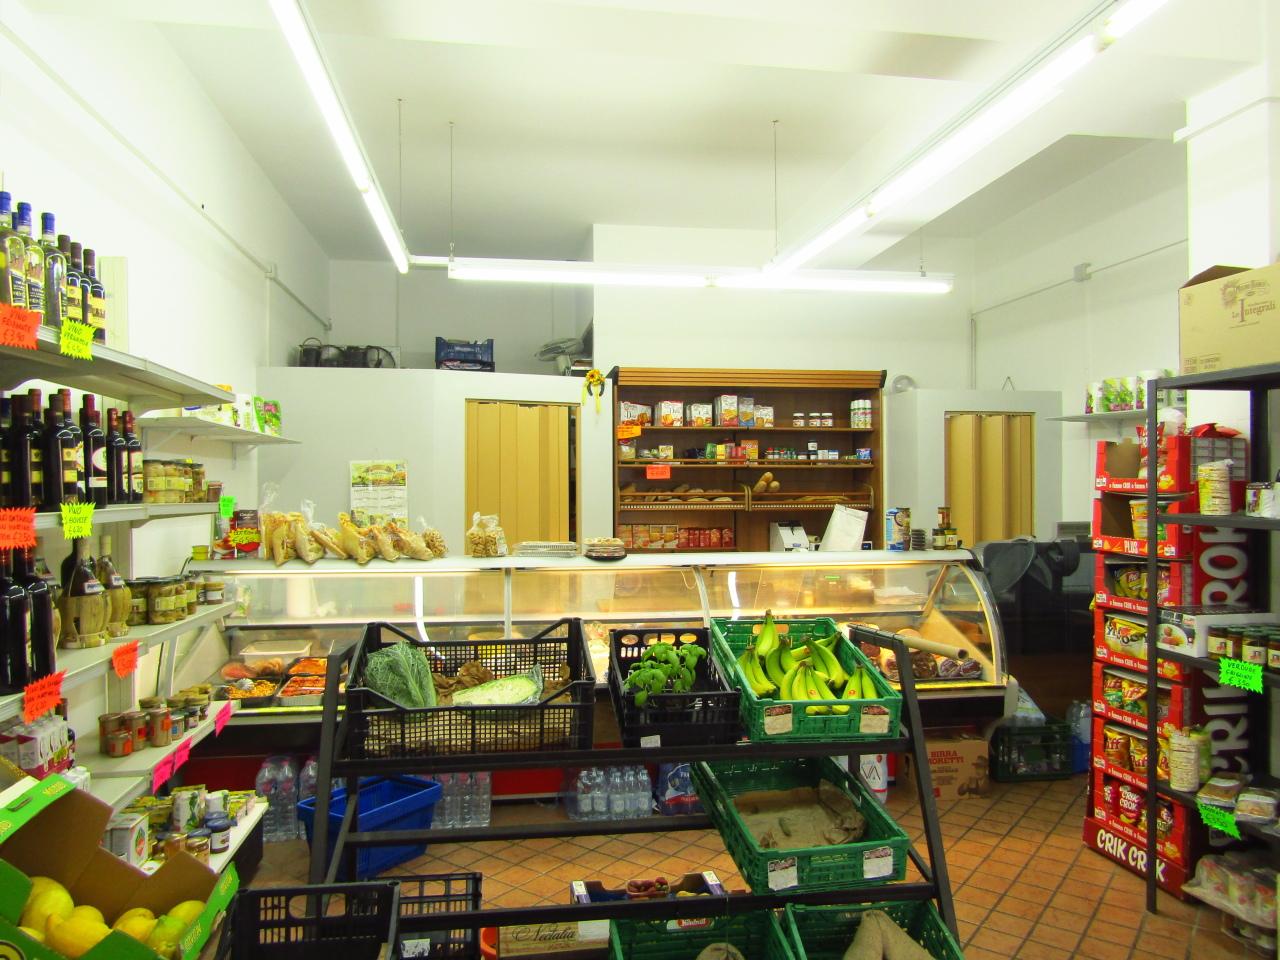 Alimentari No Somministrazione a Livorno Rif. 7309187